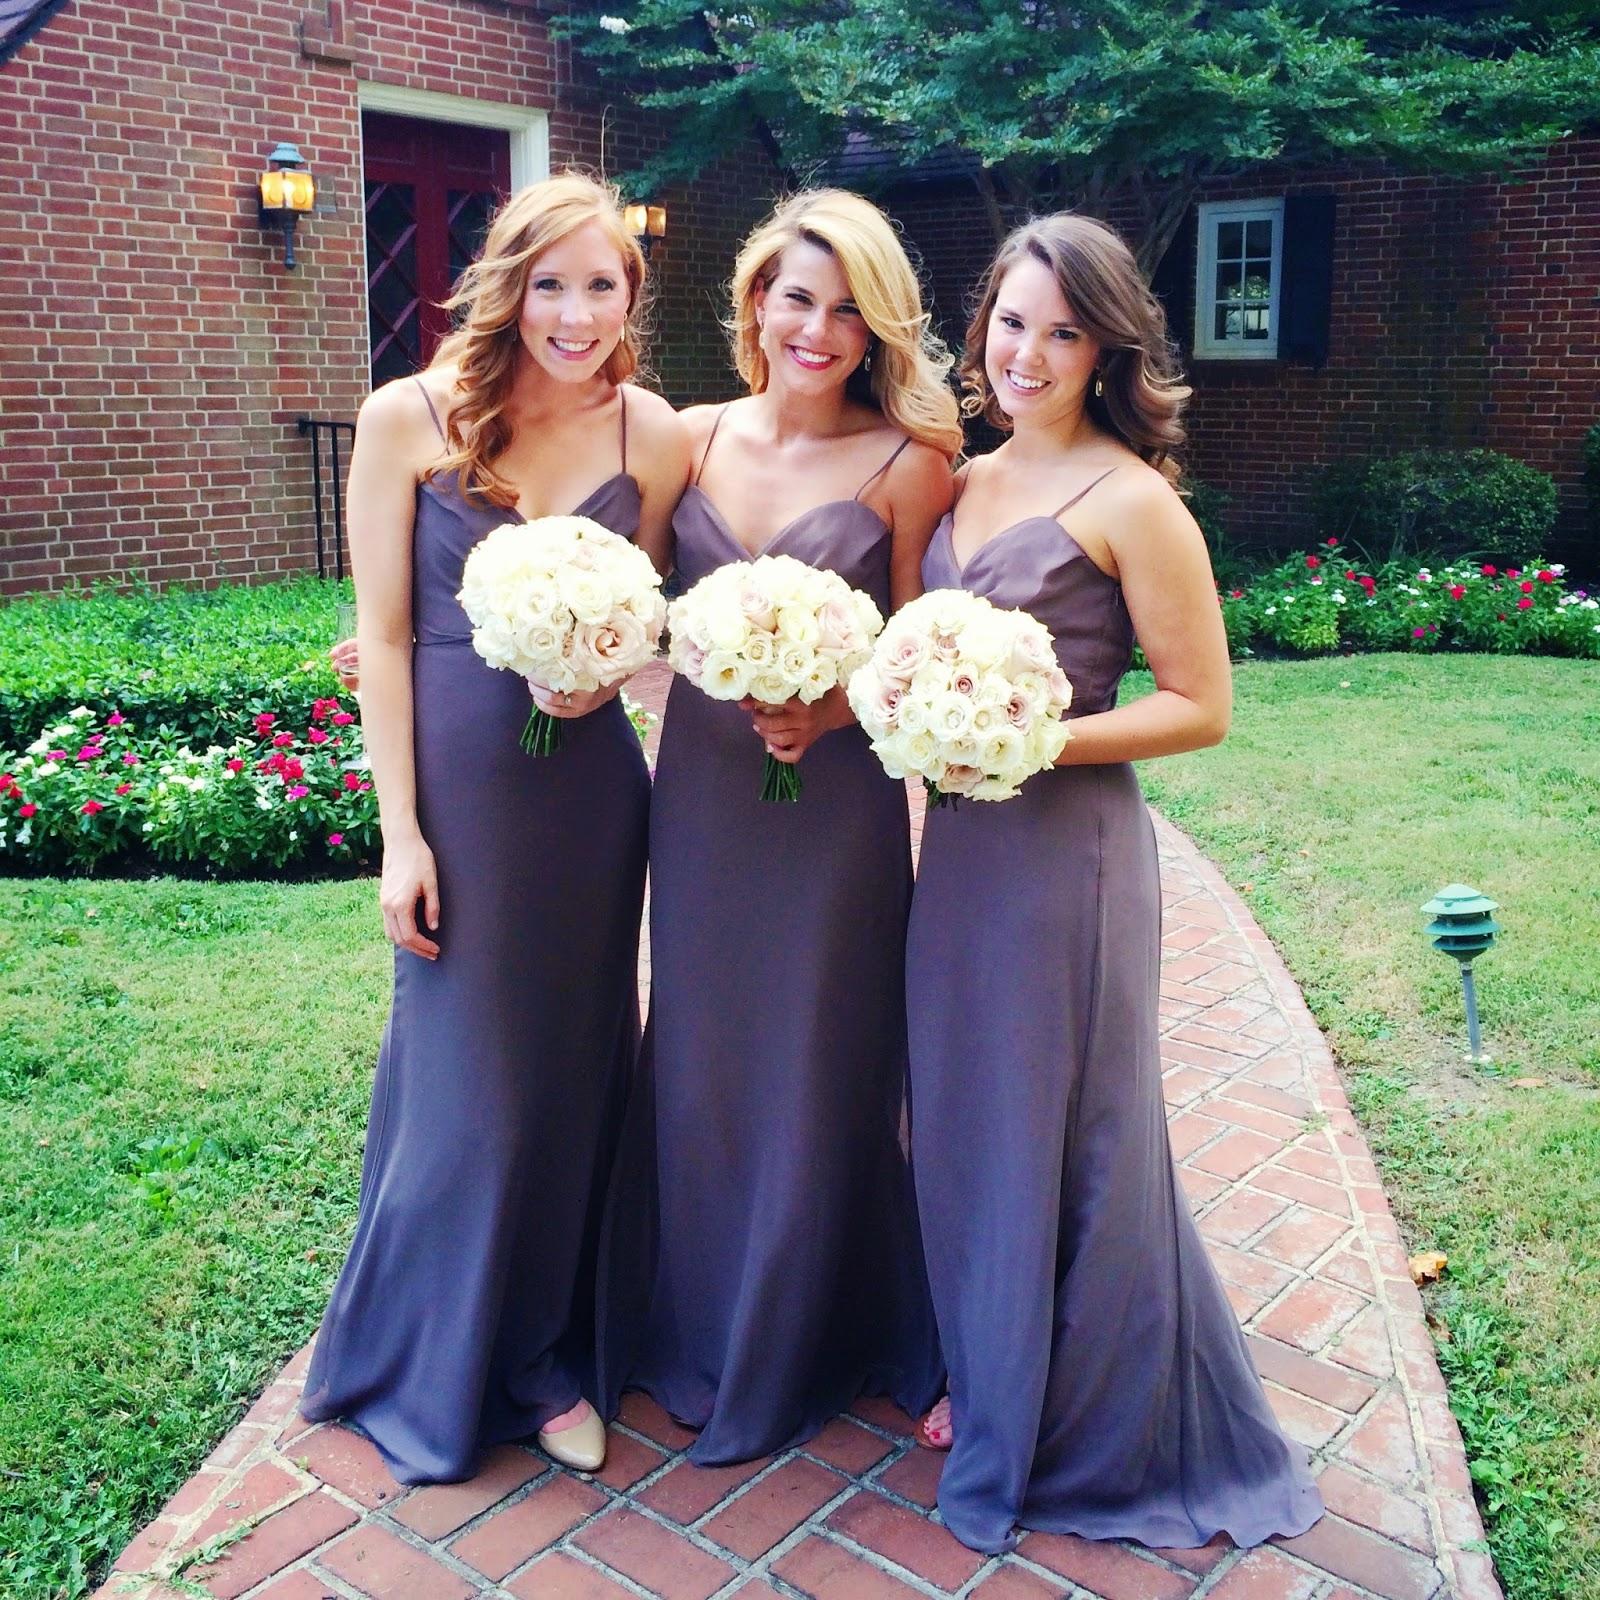 Полные свидетельницы на свадьбе фото